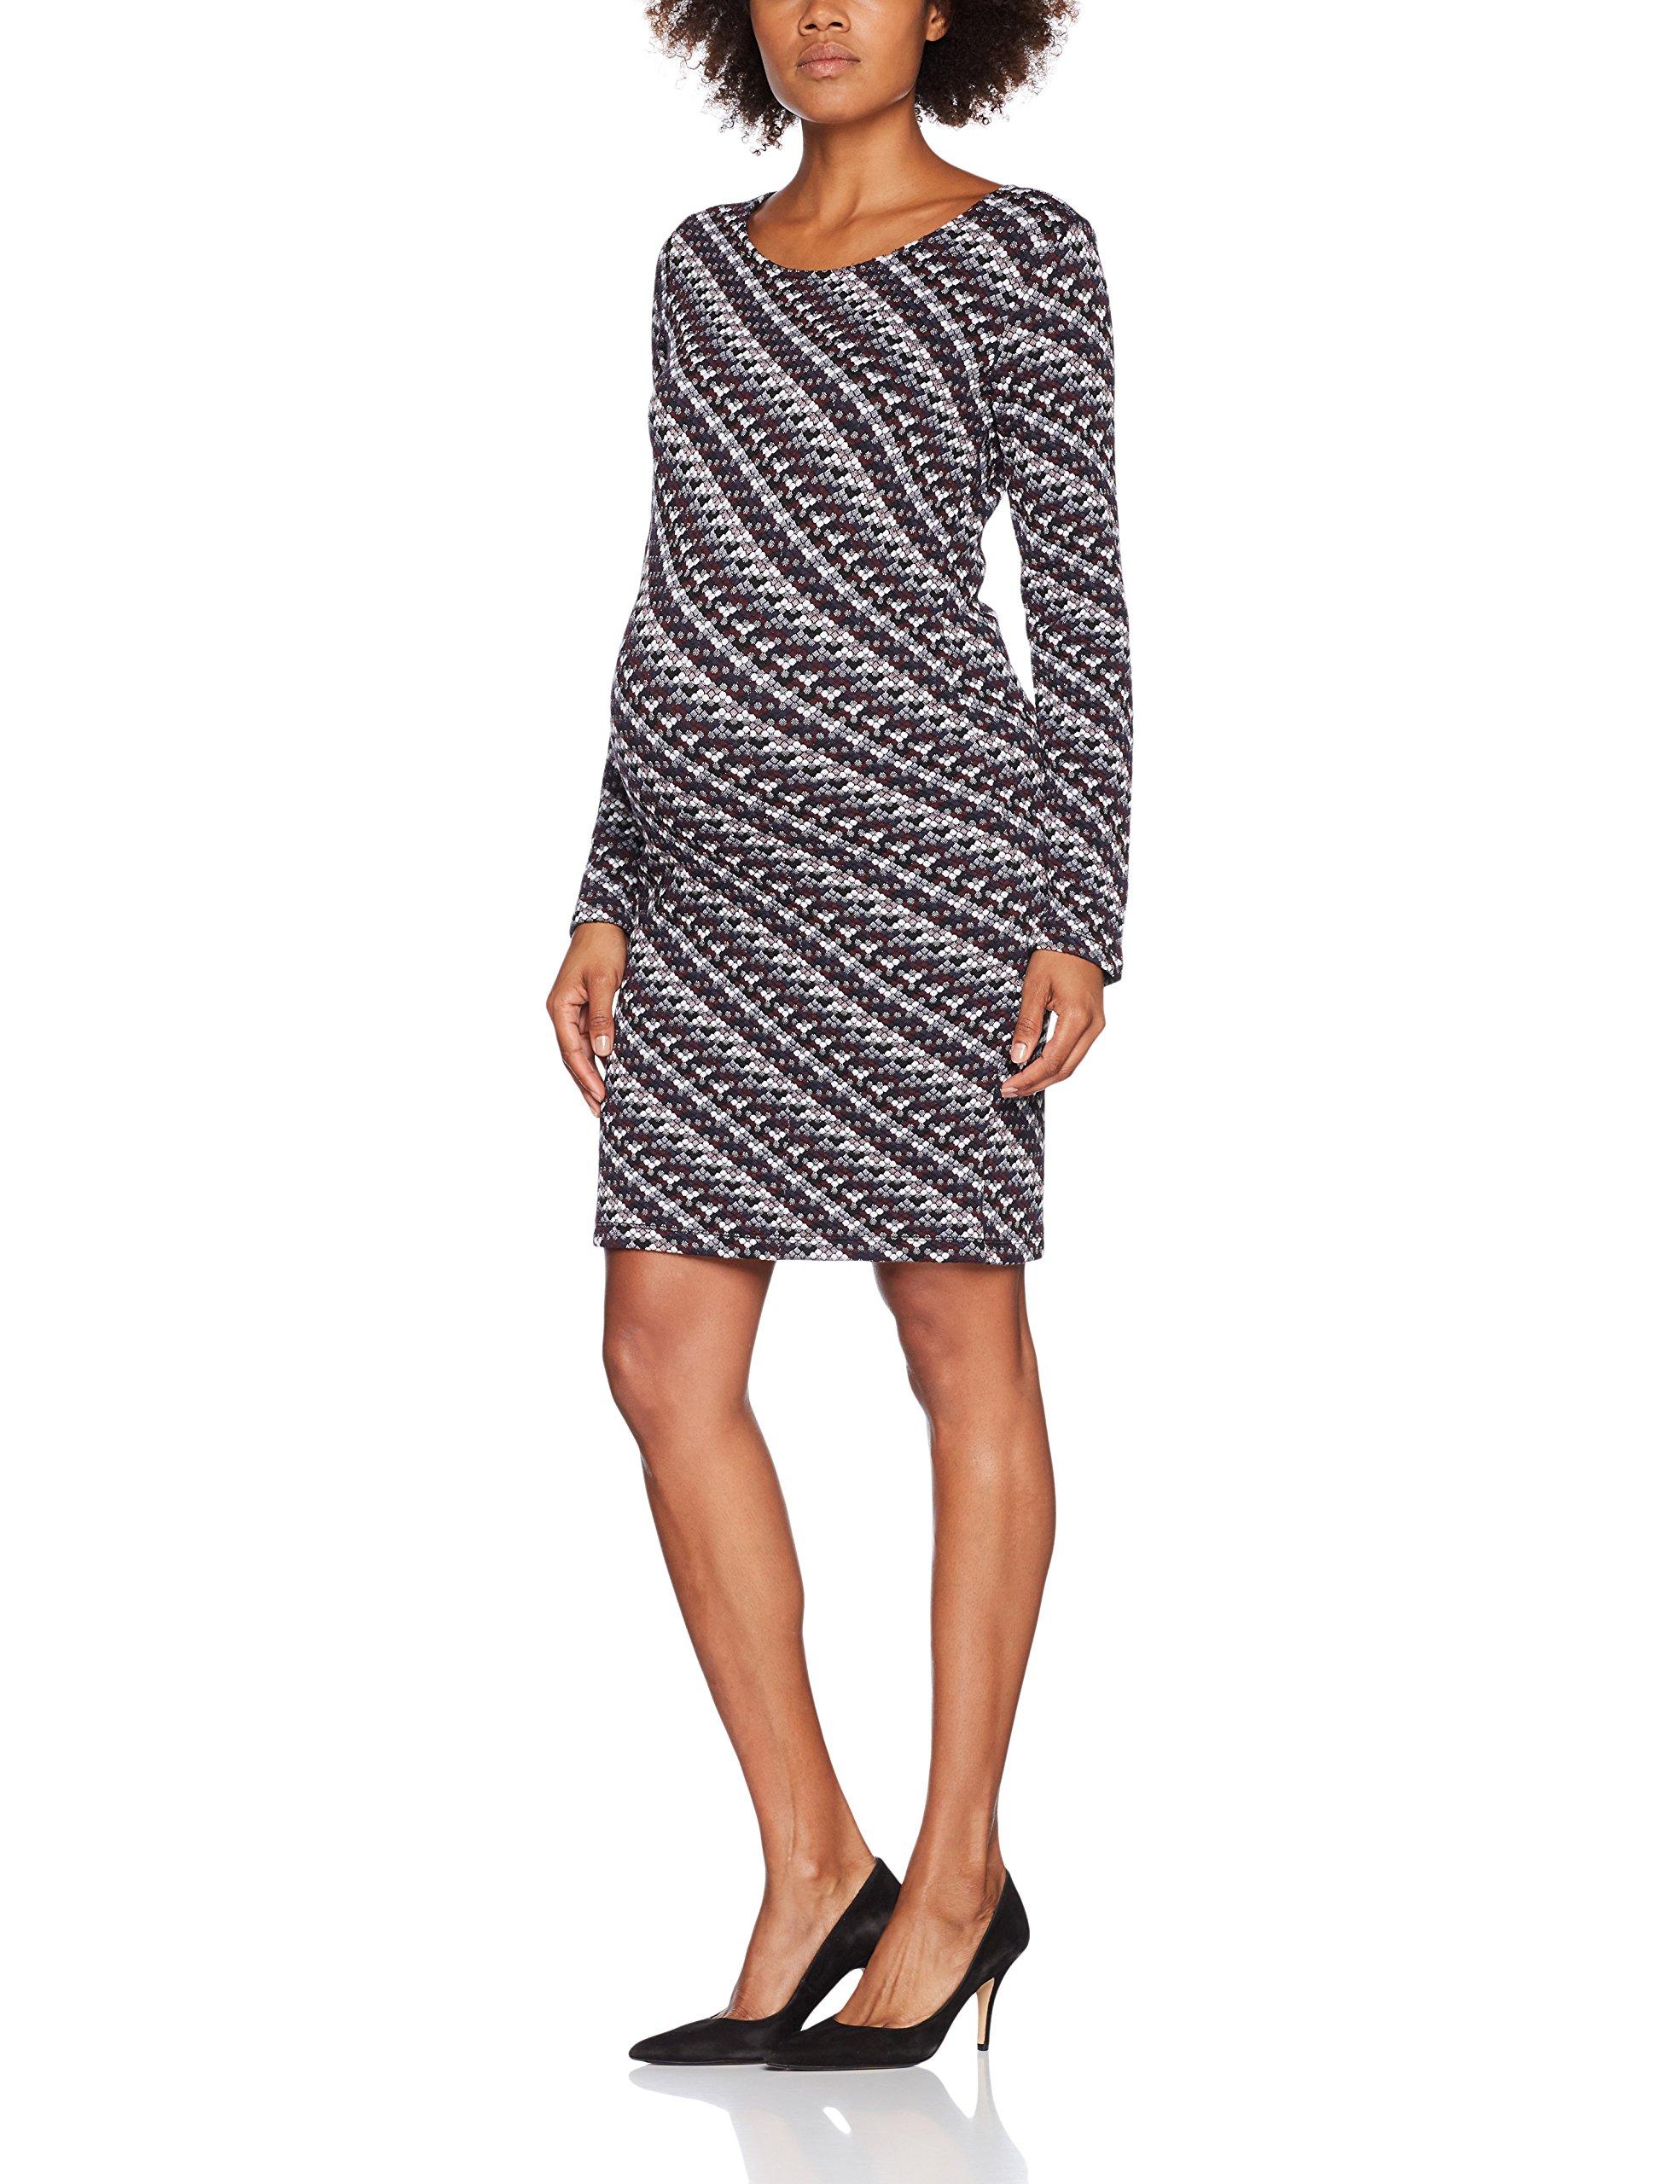 IndyRobe Ls C12542taille FabricantL maternité Noppies Dress Purple FemmeMulticoloredark MVGUjLzSpq